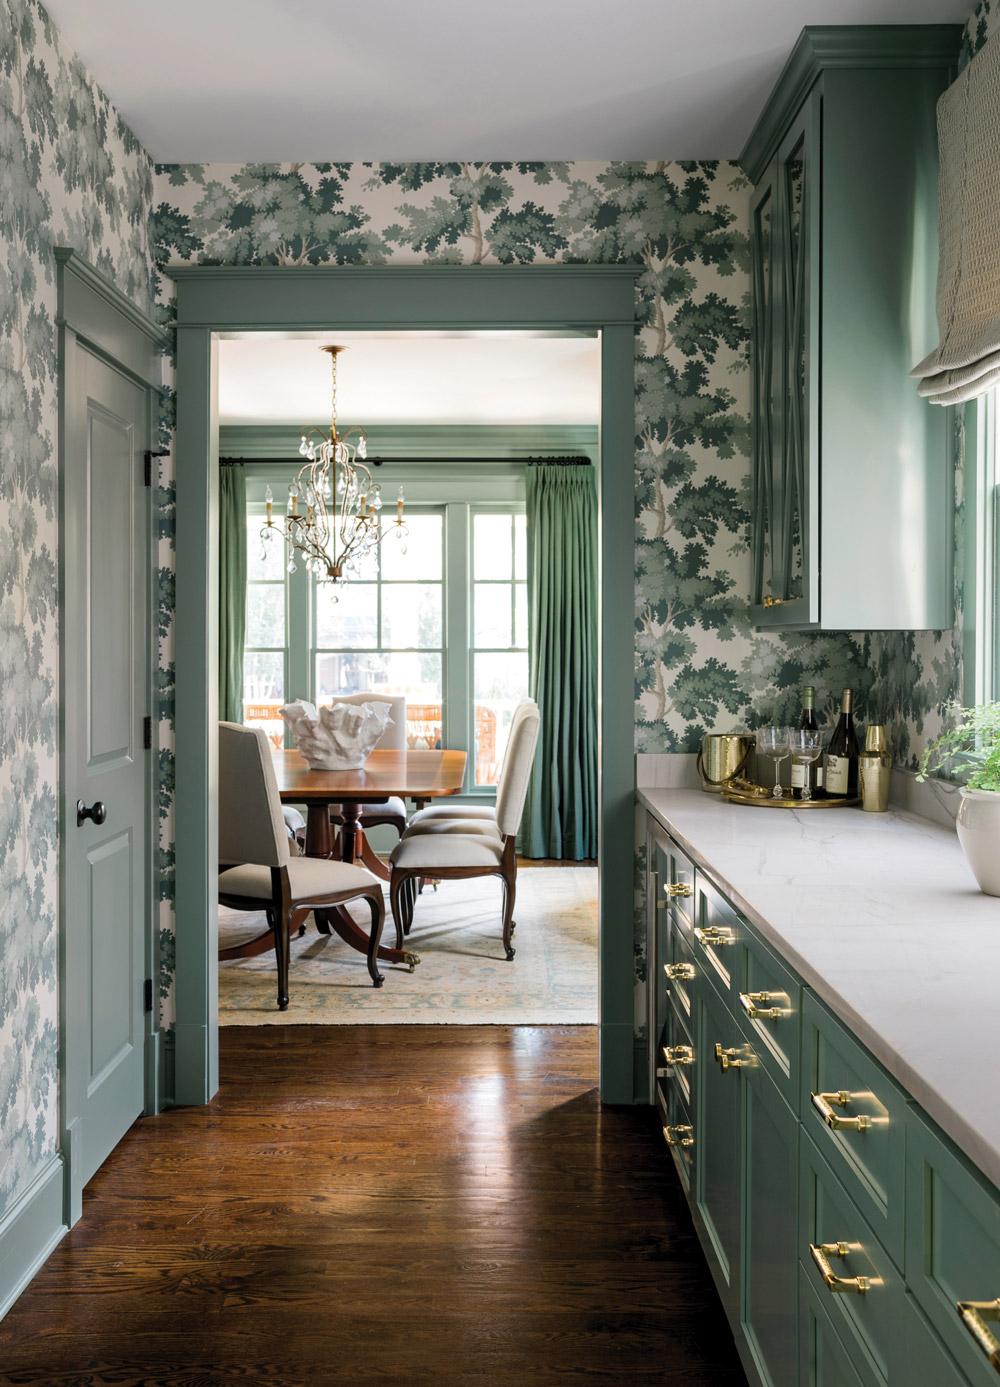 An all-green butler's pantry